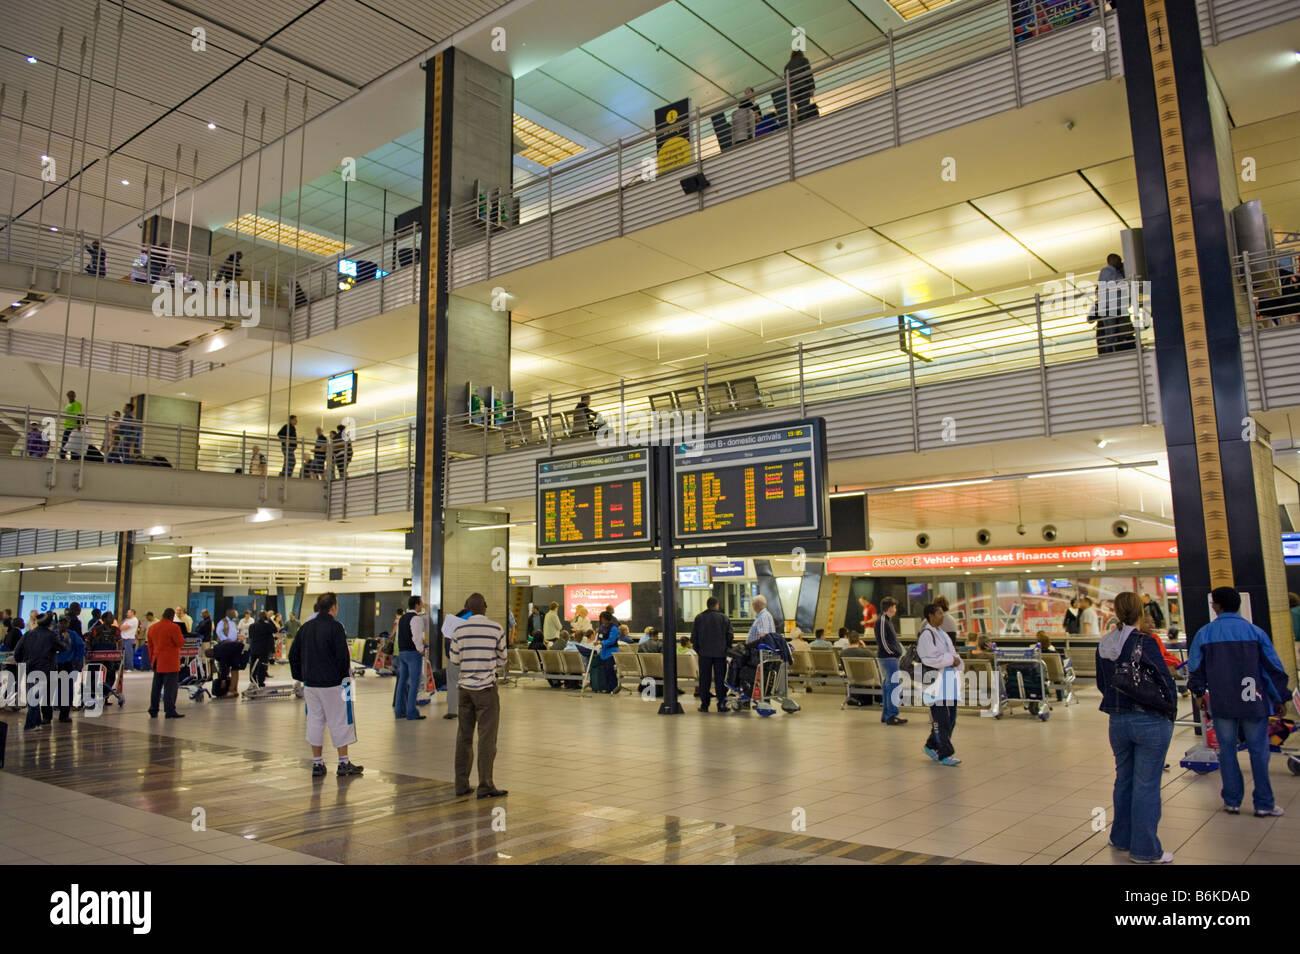 Aeroporto internazionale di Jo-burg JNB Johannesburg sud-Afrika sud africa cartello desk segno bordo arrivo partenza Immagini Stock